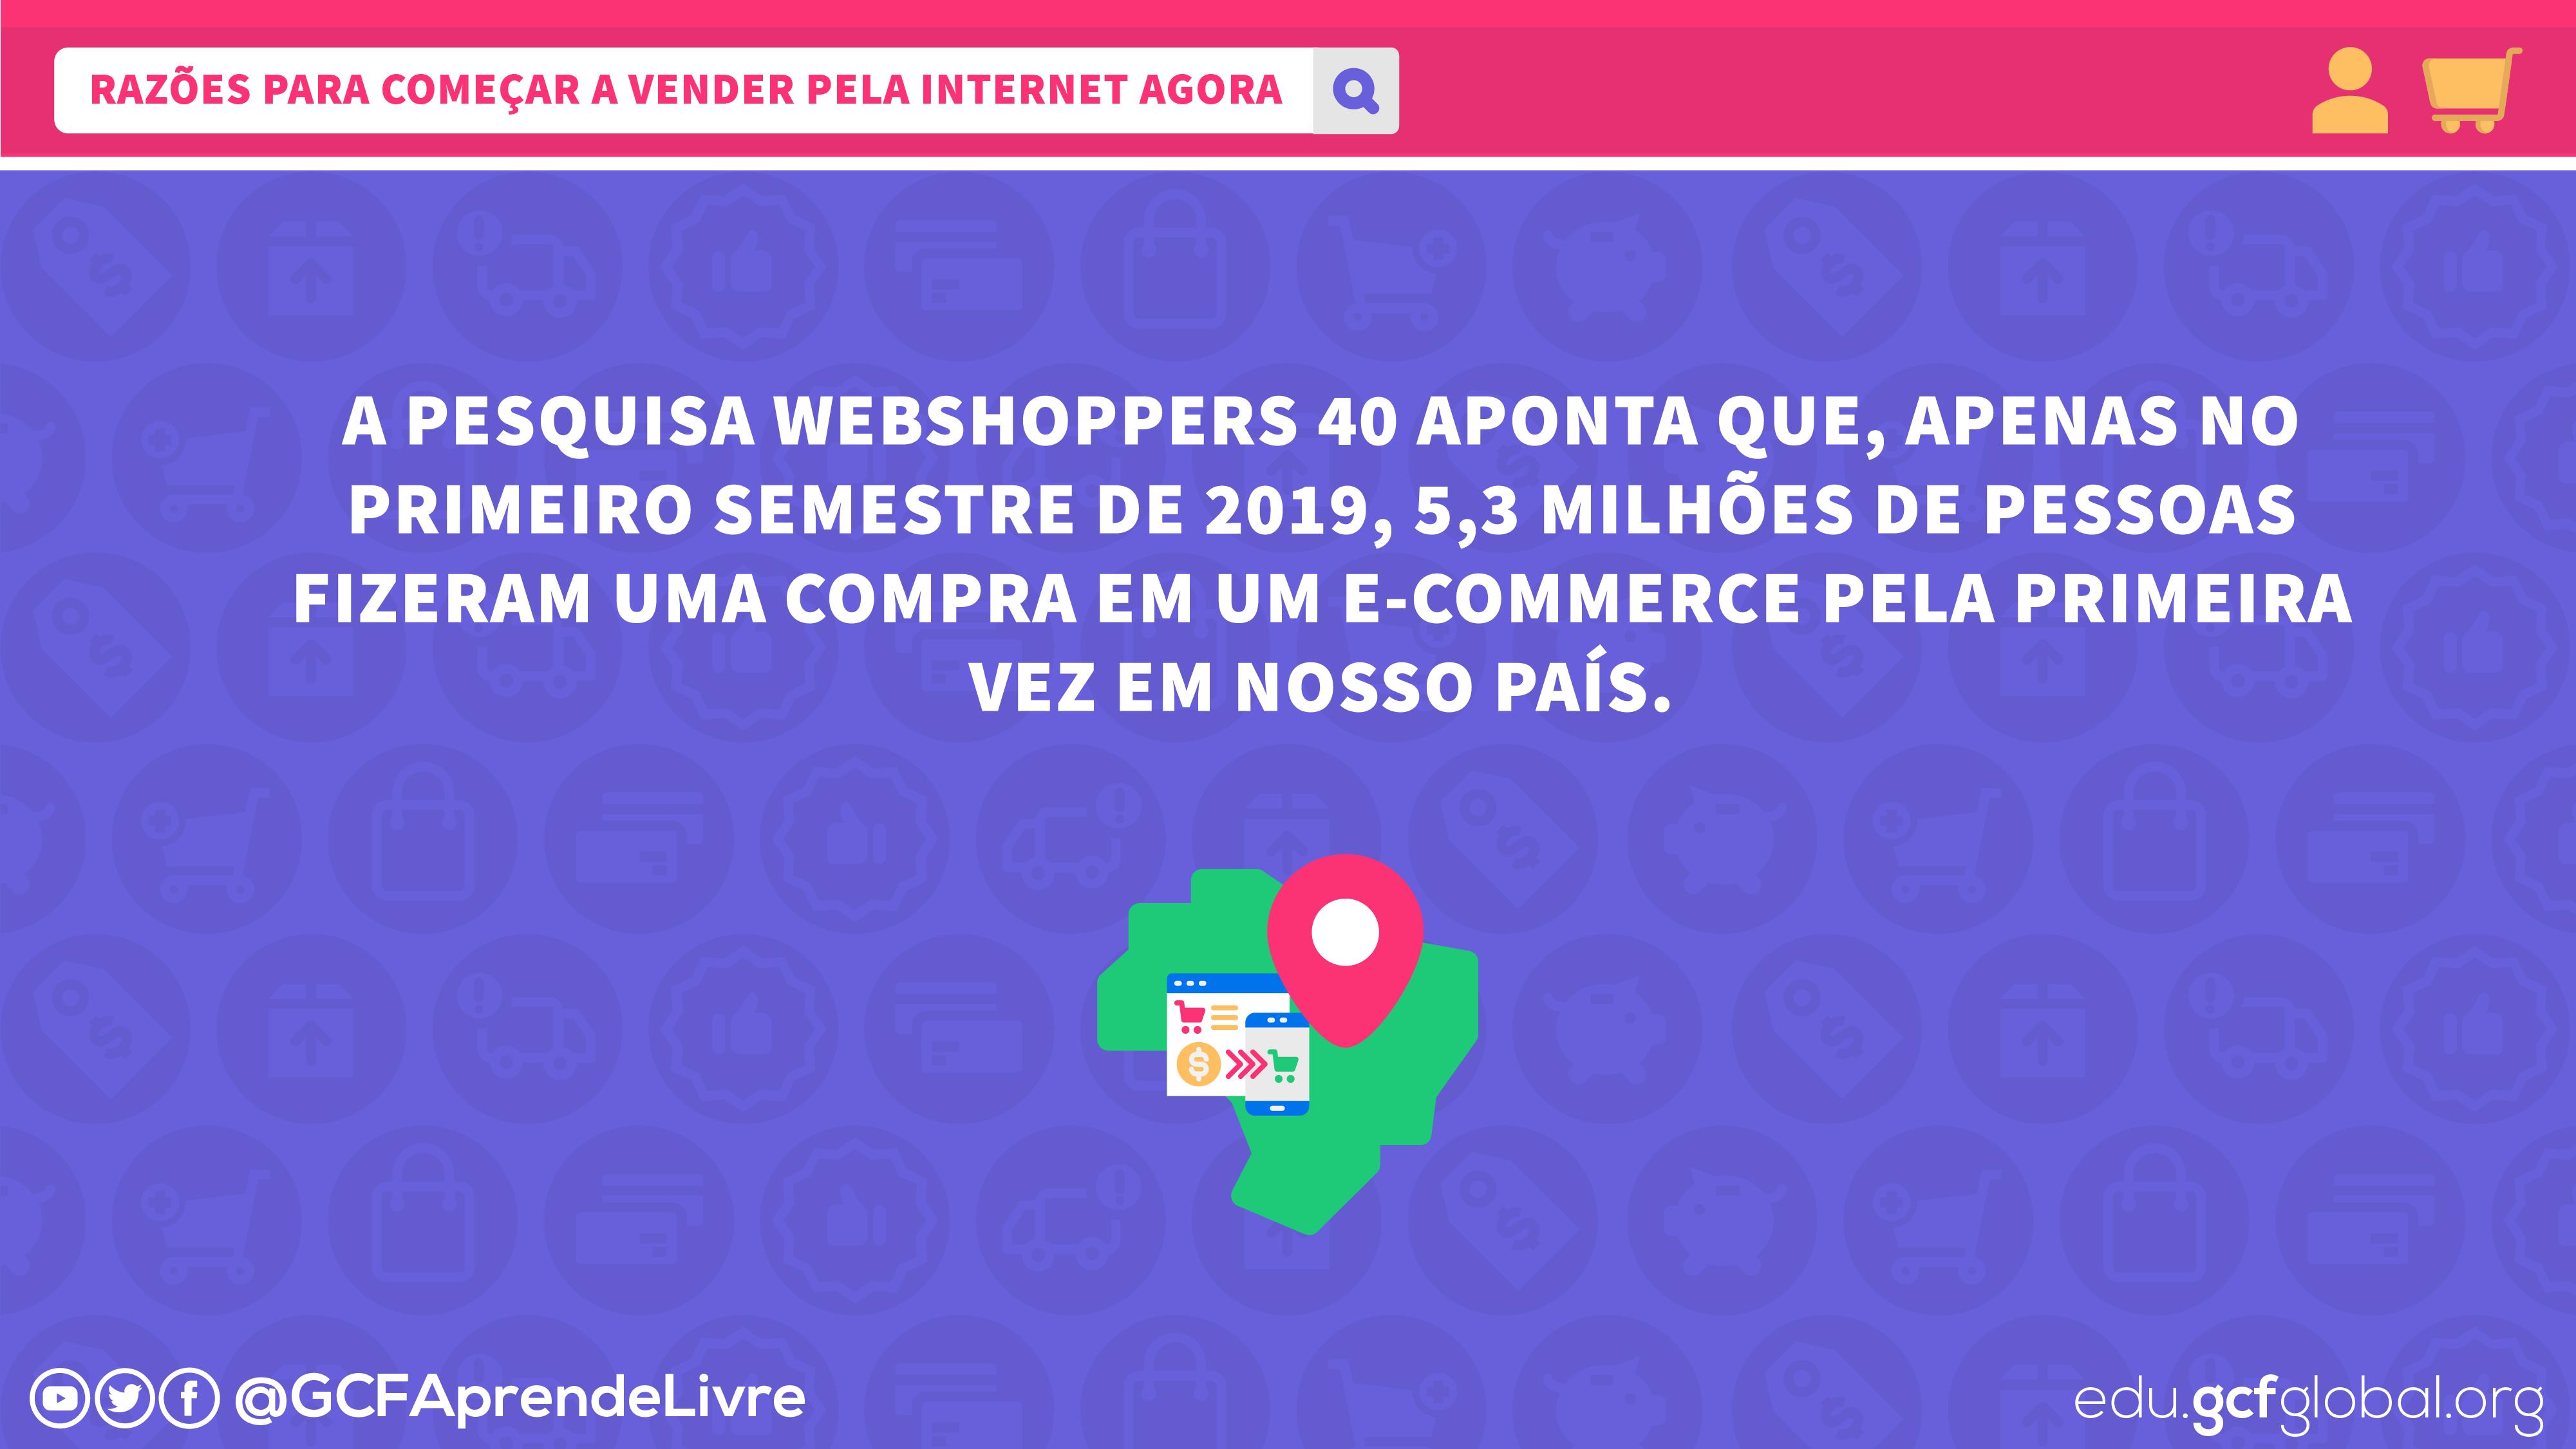 Imagem novos usuários do comércio eletrônico no Brasil